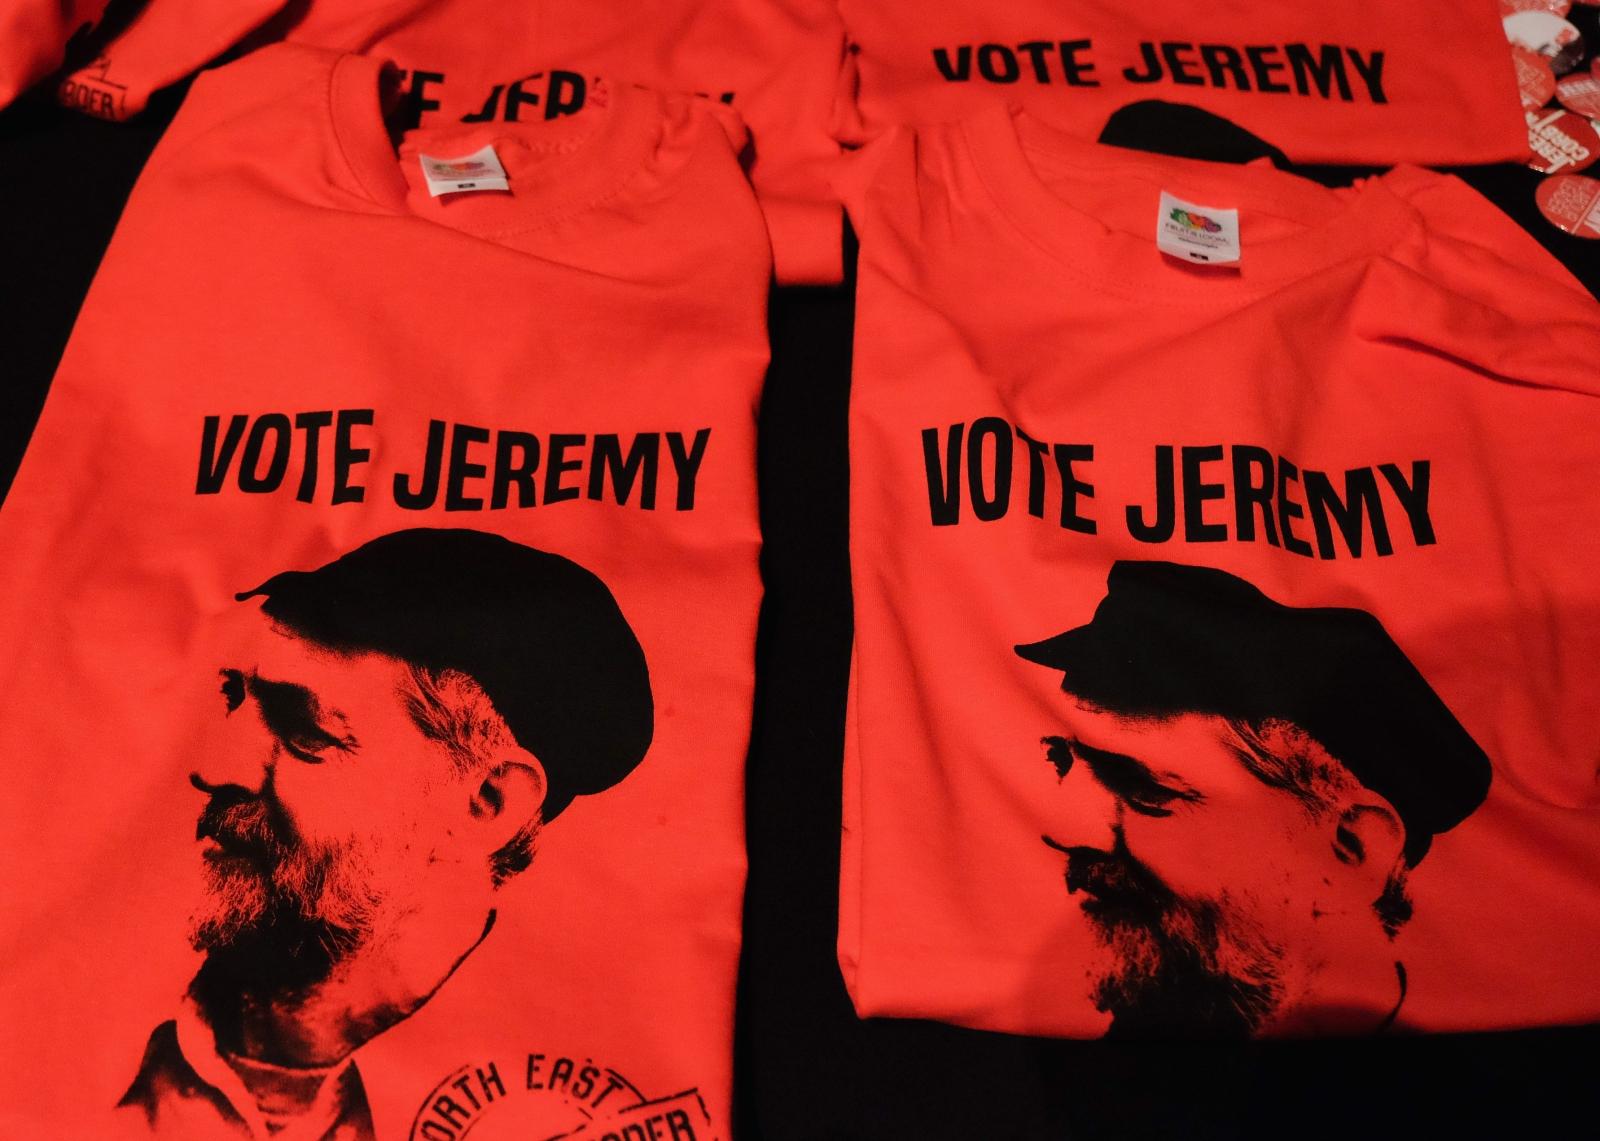 Jeremy Corbyn campaign T-shirts